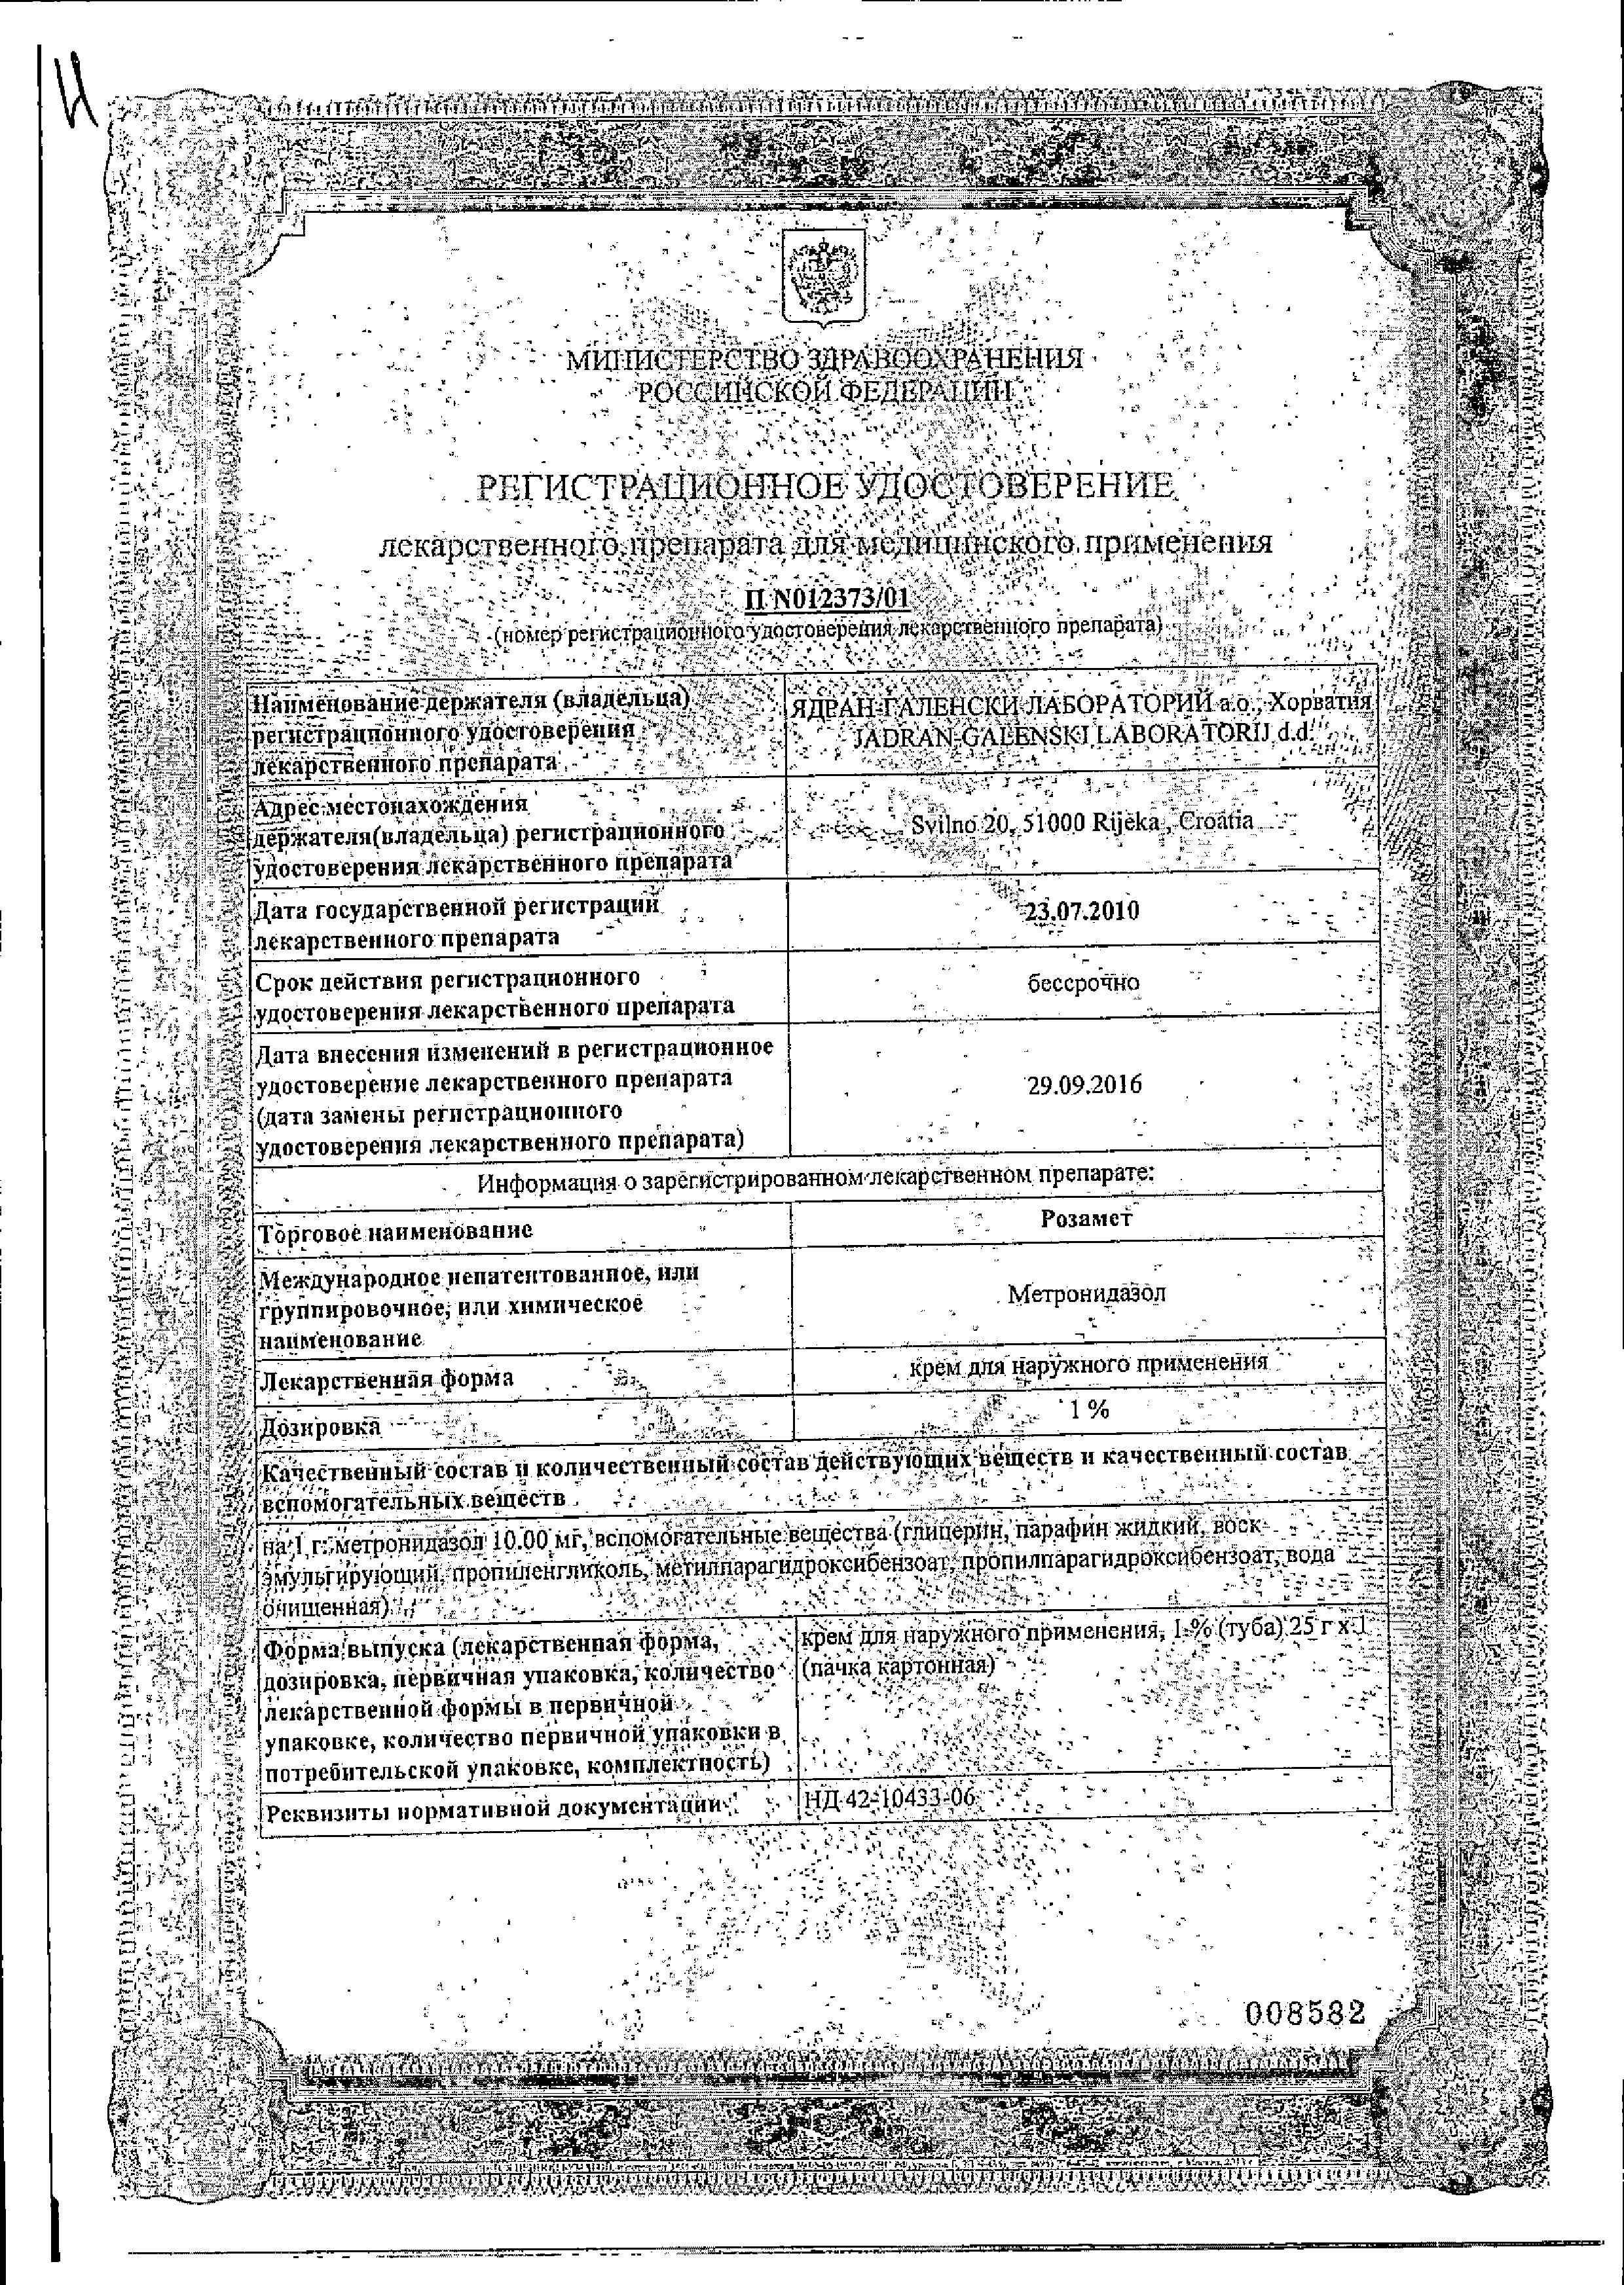 Розамет сертификат